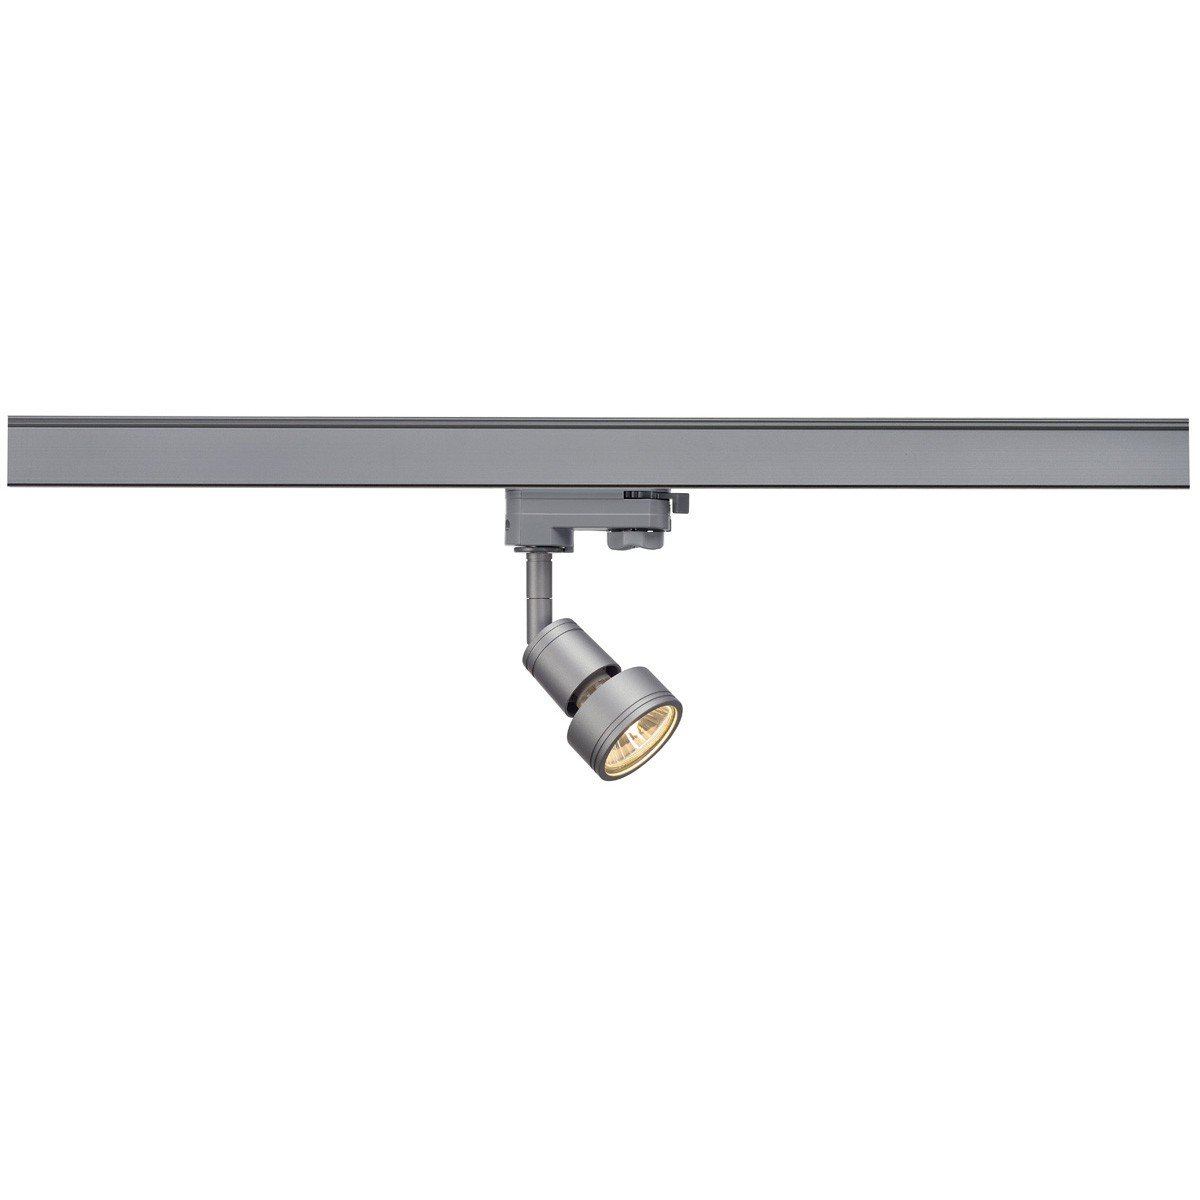 SLV LED 1-Phasen-Strahler PURI | Dreh- und schwenkbarer Schienen-Strahler, LED Spot, Deckenstrahler, Deckenleuchte, Schienensystem, Innenbeleuchtung, 3P-Lampe | GU10 QPAR51, schwarz, max. EEK A-A++ [Energieklasse D] 143390